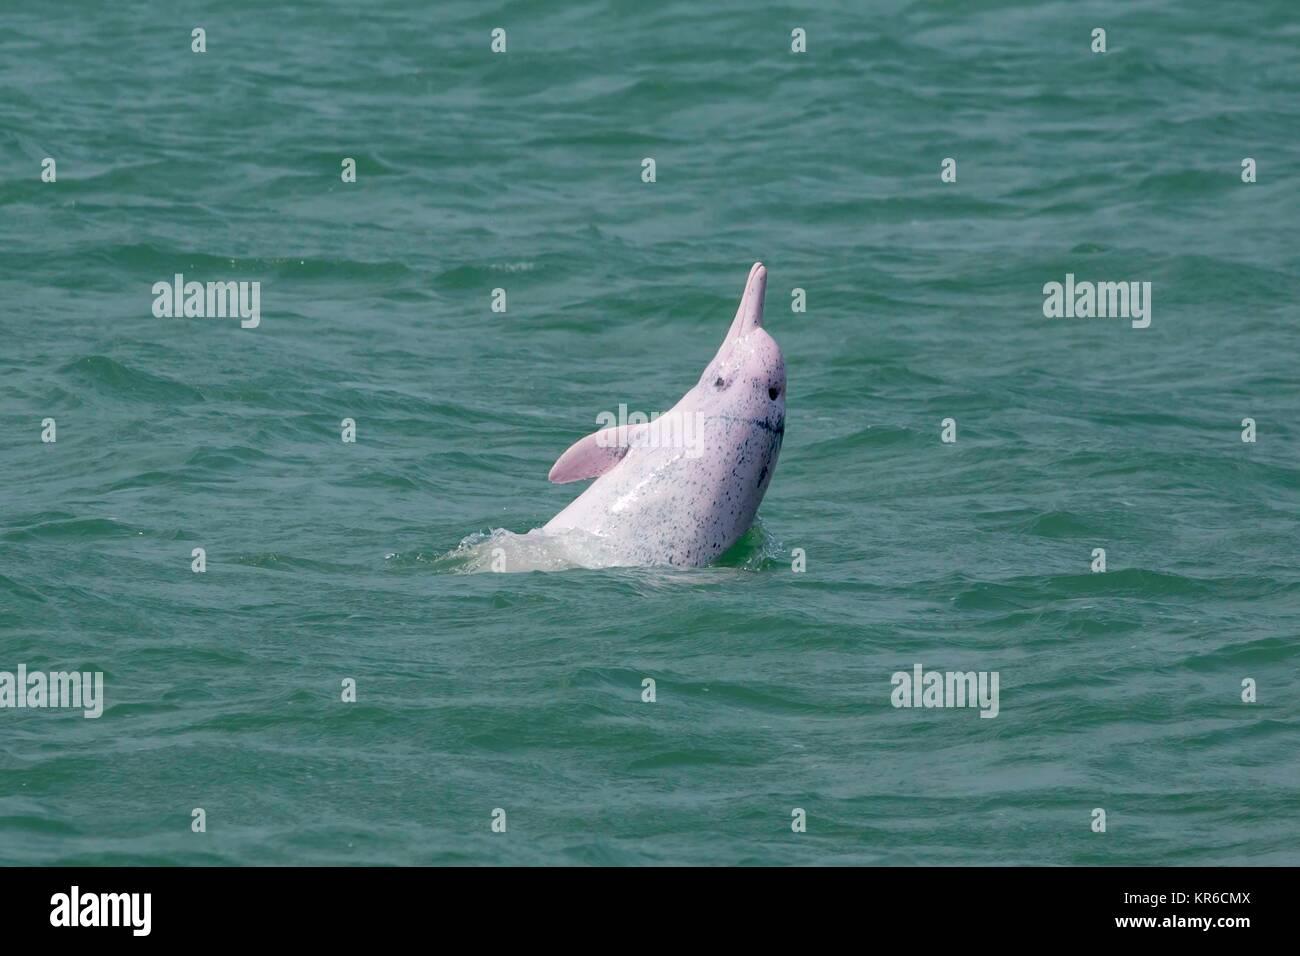 Indo-pacifico Humpback Dolphin / Cinese Delfino Bianco / Rosa Dolphin (Sousa chinensis) - alta velocità di Immagini Stock